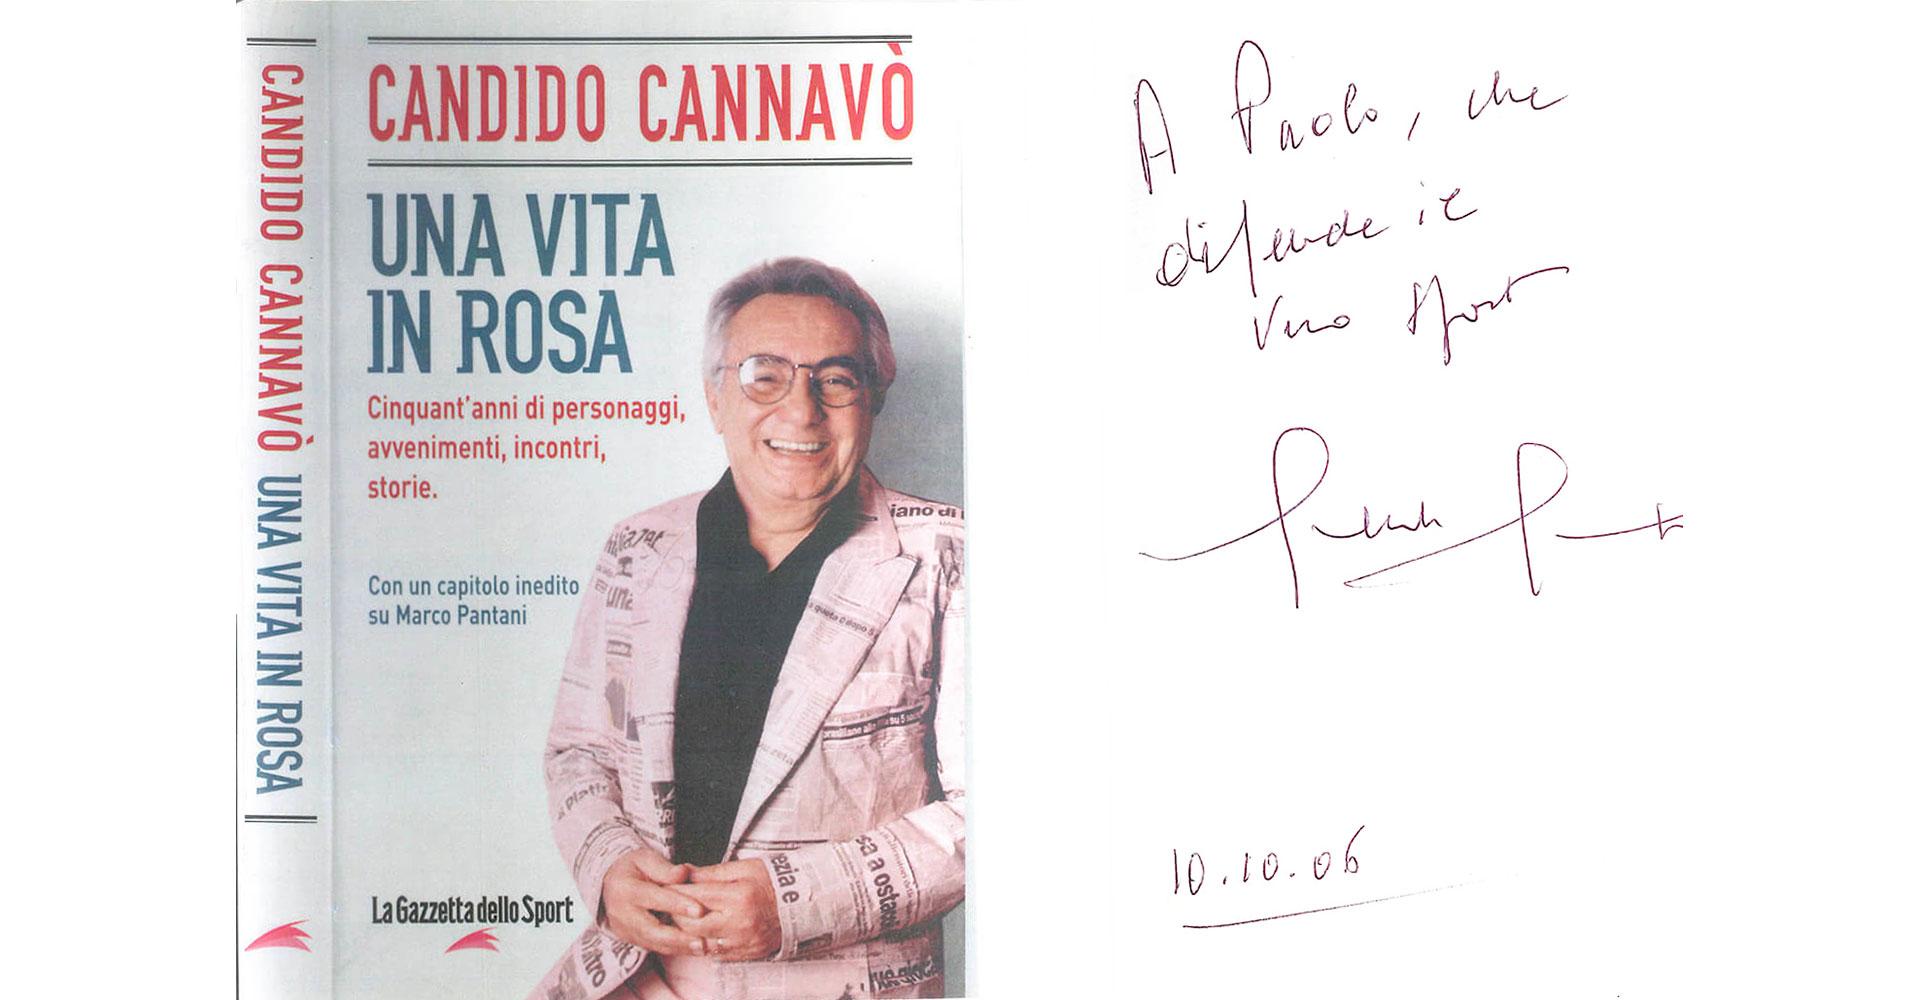 valori-La-dedica-che-Candido_Cannavo-storico-direttore.de-la-gazzetta-dello-sport-ha-scritto-per-il-presidente-di-Achillea-2002-Paolo-Luzi